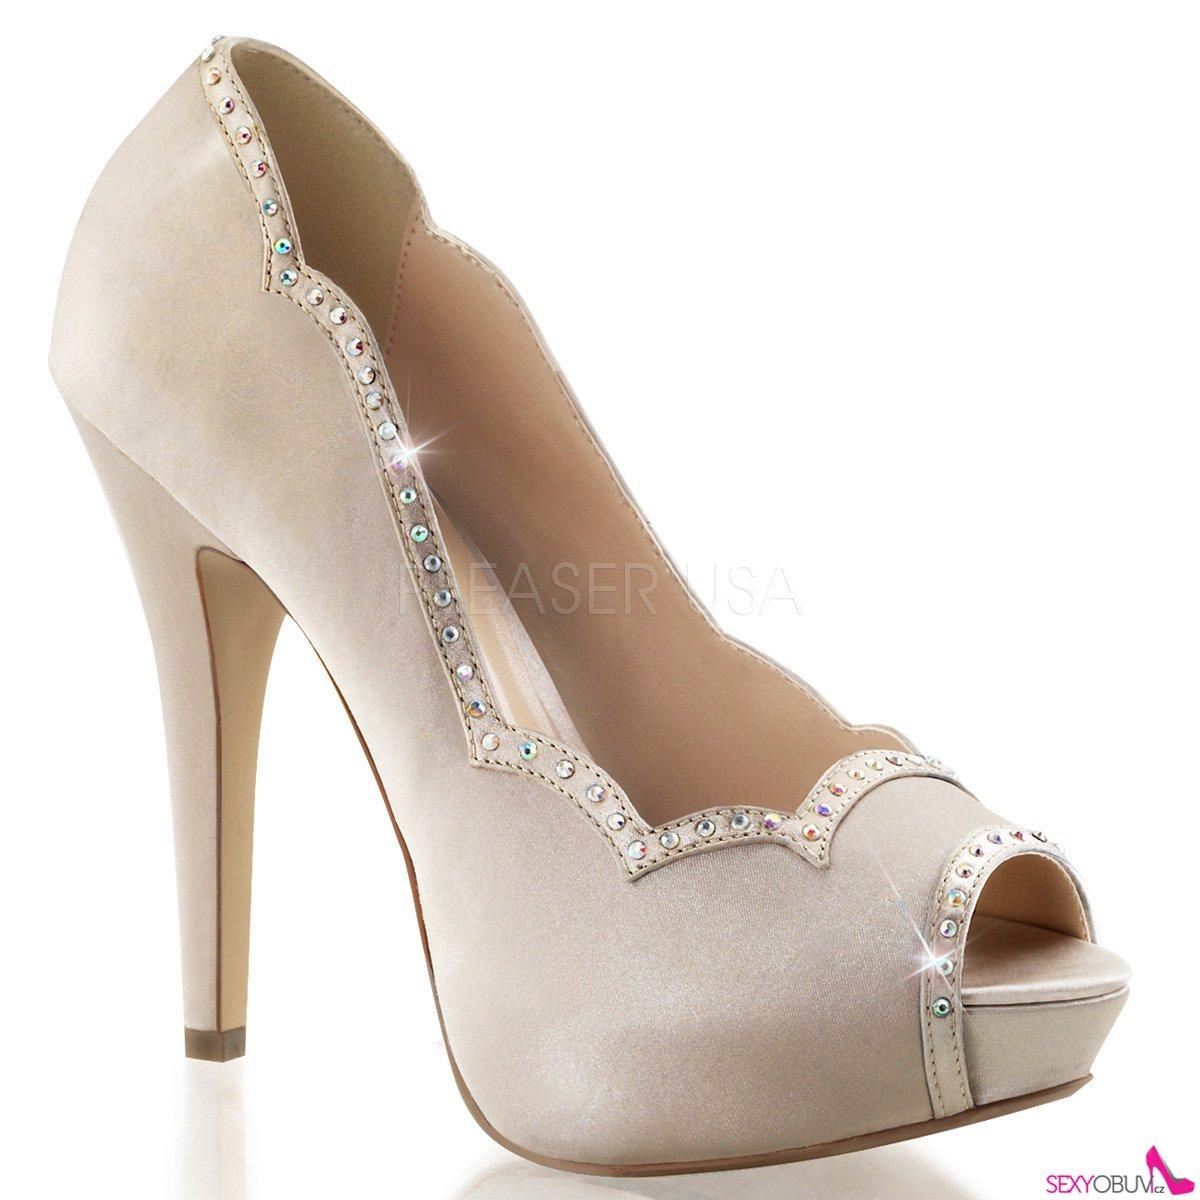 LOLITA-05 Šampaň luxusní dámské lodičky pleaser na podpatku a142fd7ca5